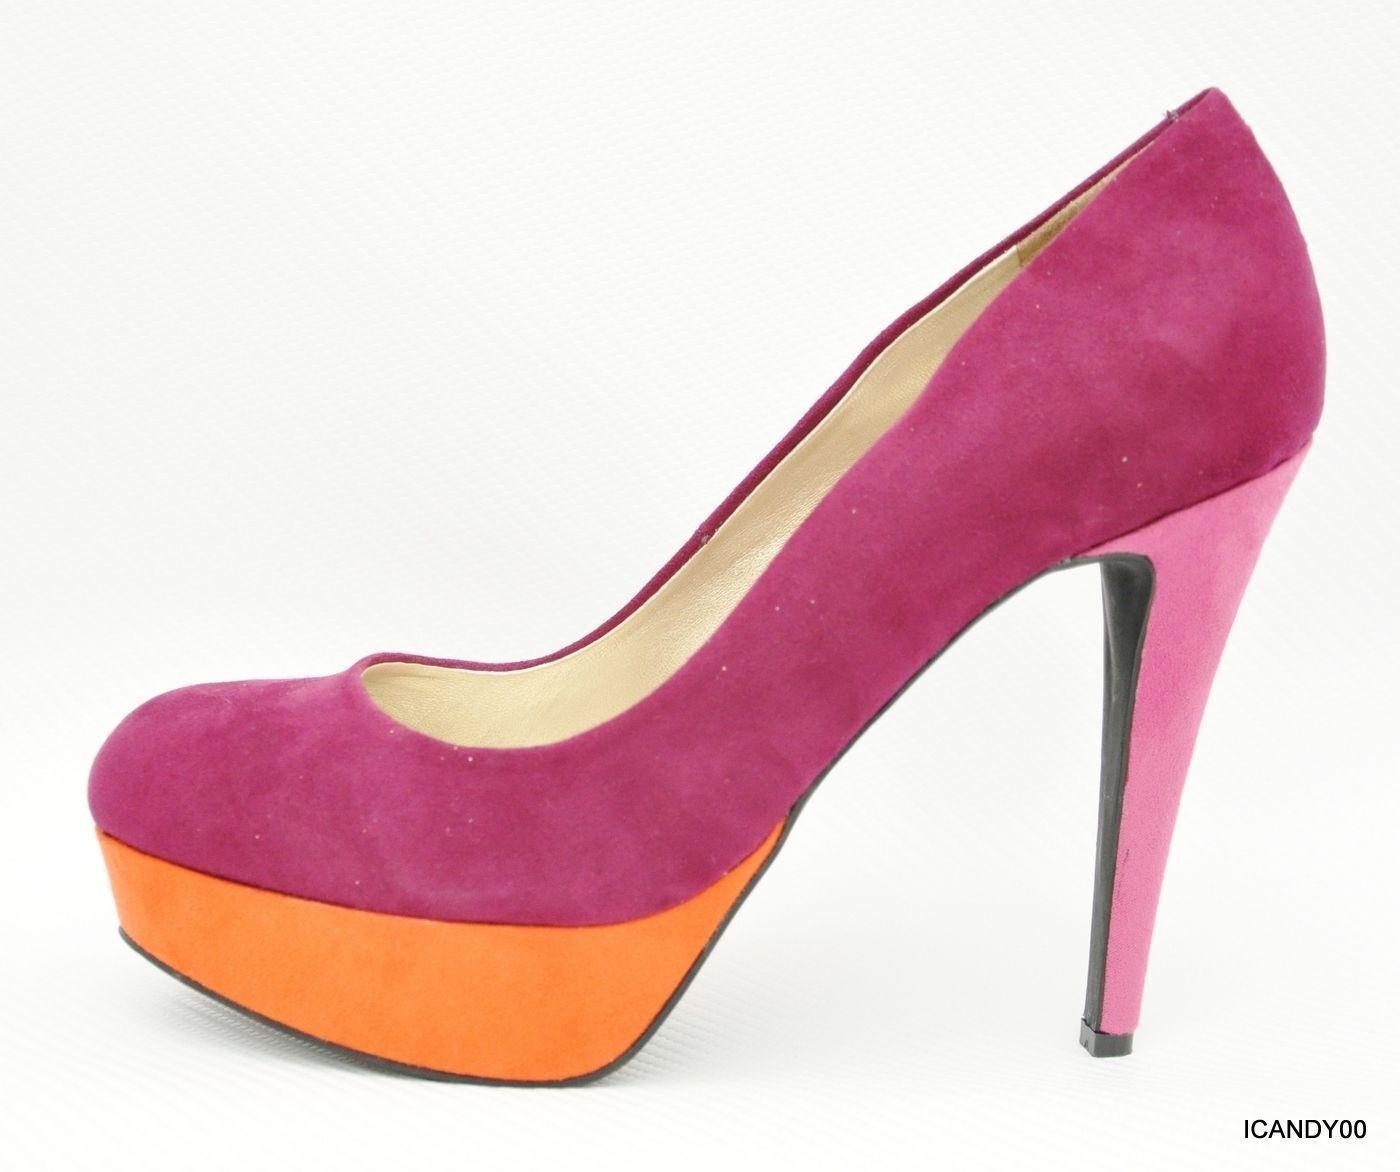 Nuevo En Caja G By Guess vabii Punta rojoonda rojoonda rojoonda Zapato de tacón Bomba de plataforma de ante rosadodo naranja 9.5  bienvenido a comprar